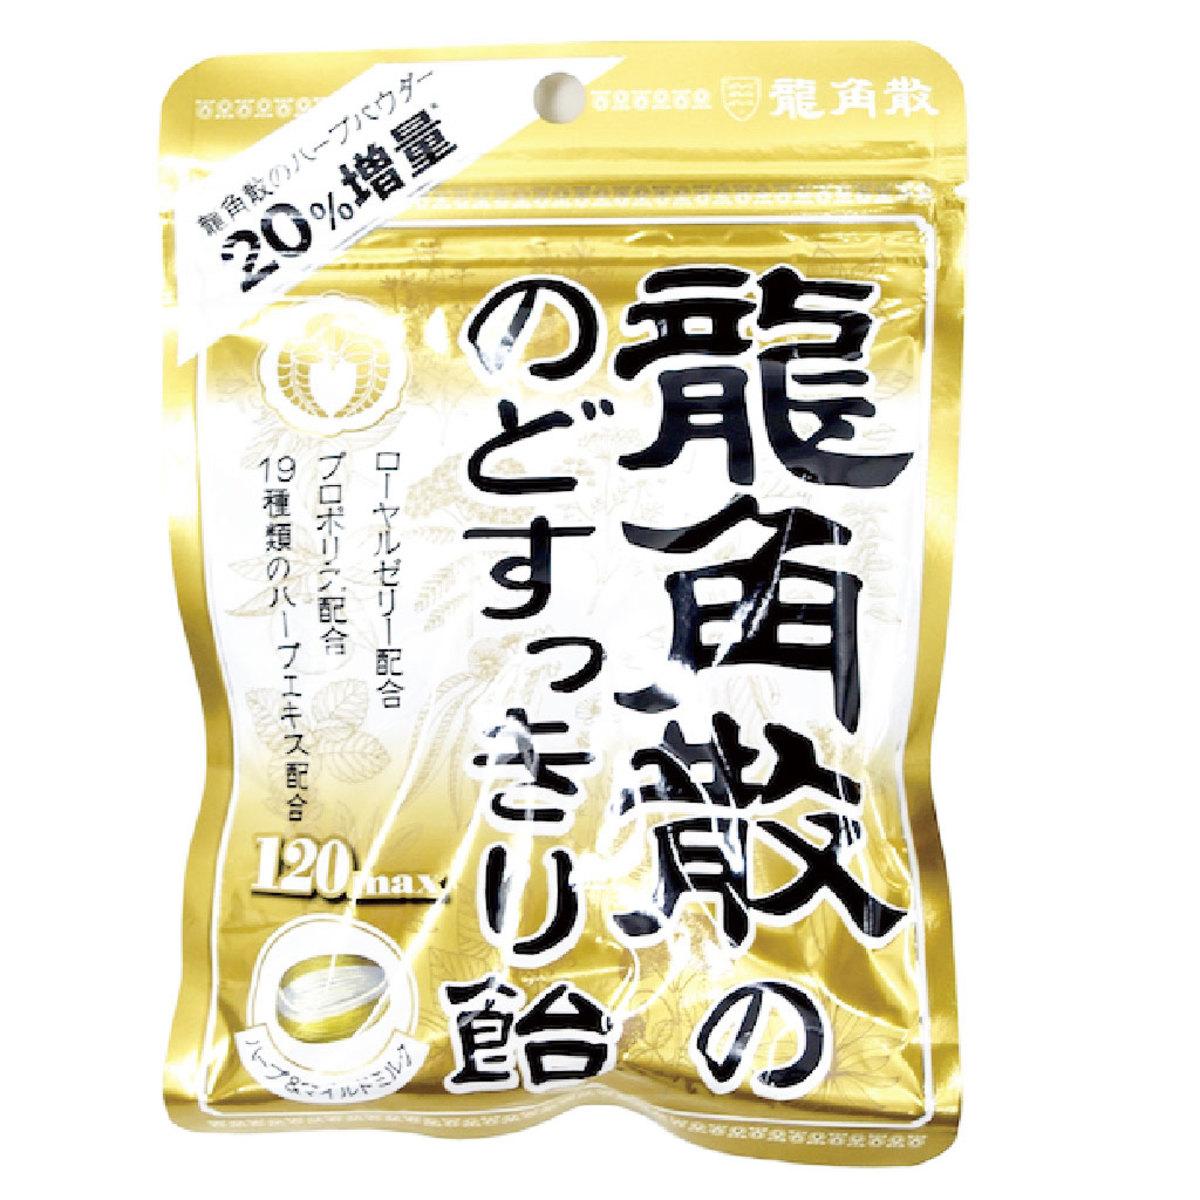 龍角散袋裝 - 蜂蜜牛奶味